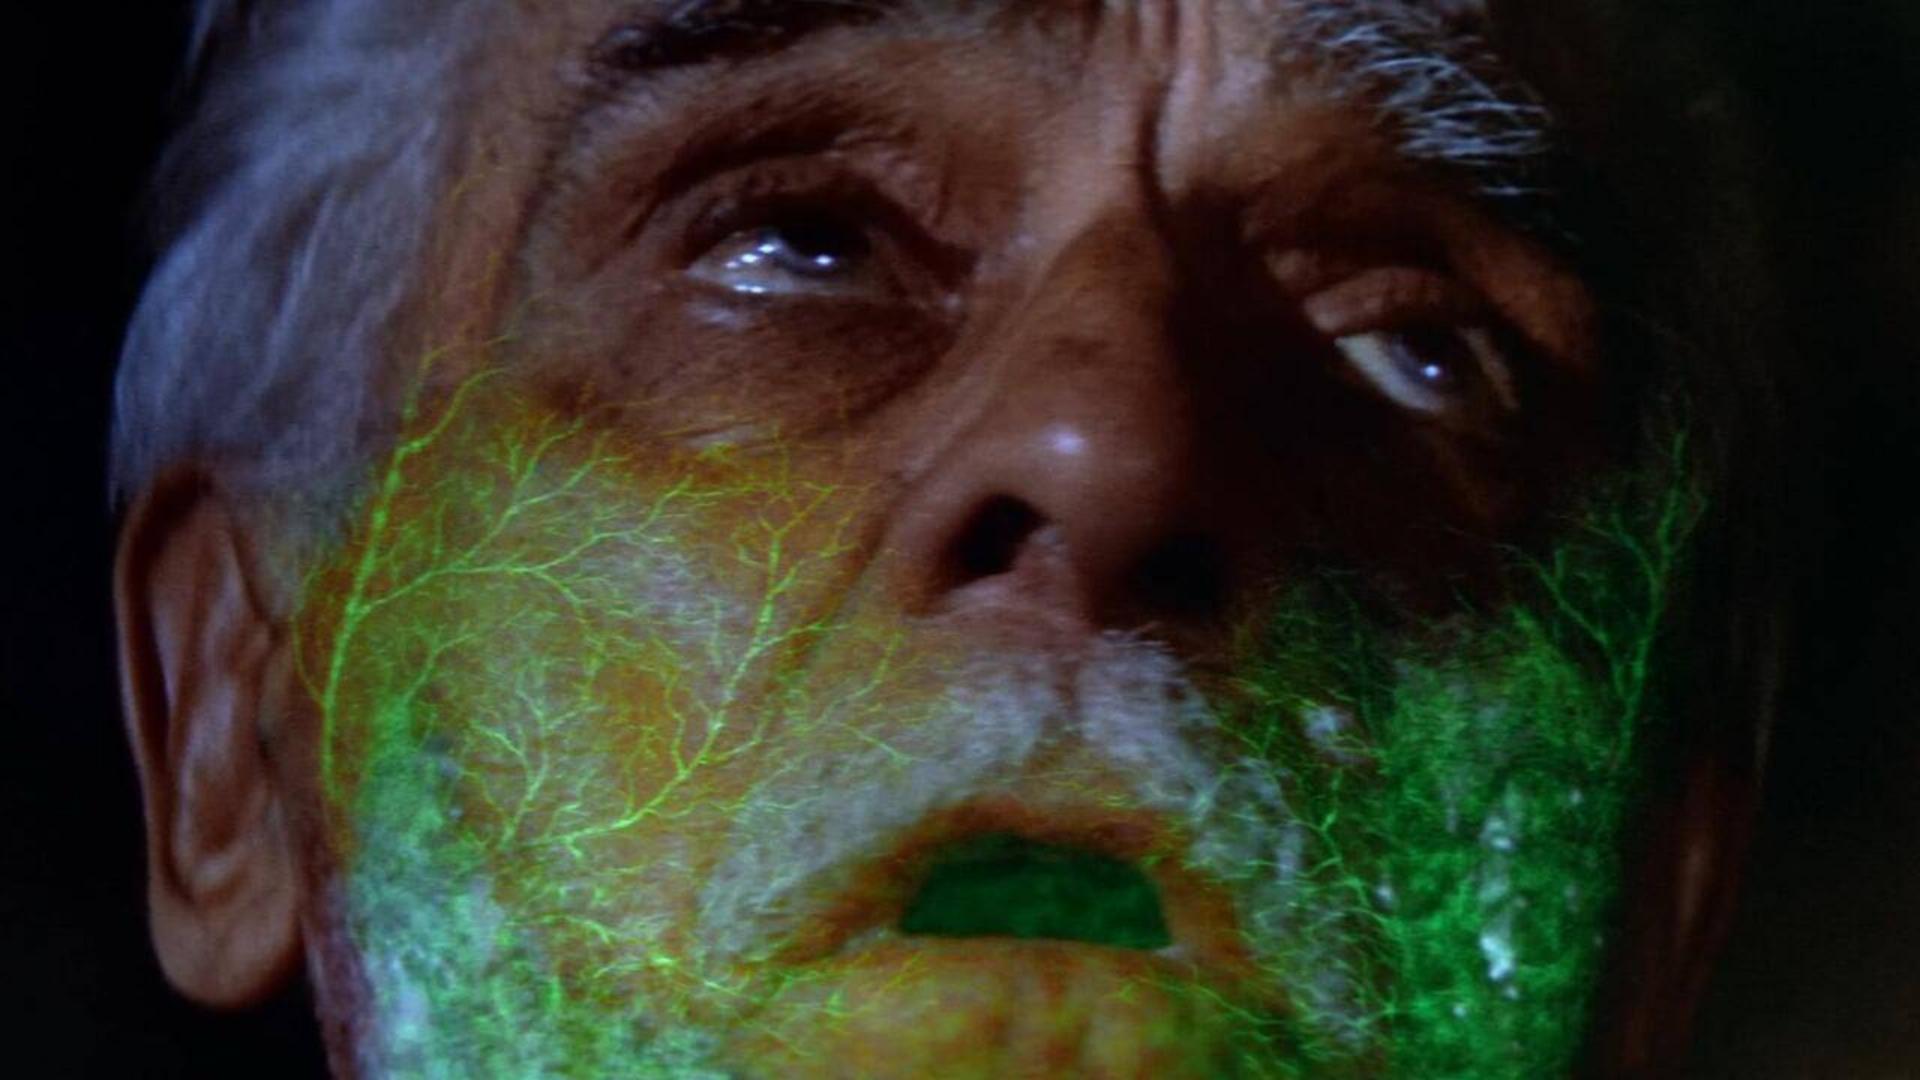 【奥雷】老汉将带有危险辐射的陨石带回家中 引发变异危机《要你吓破胆》